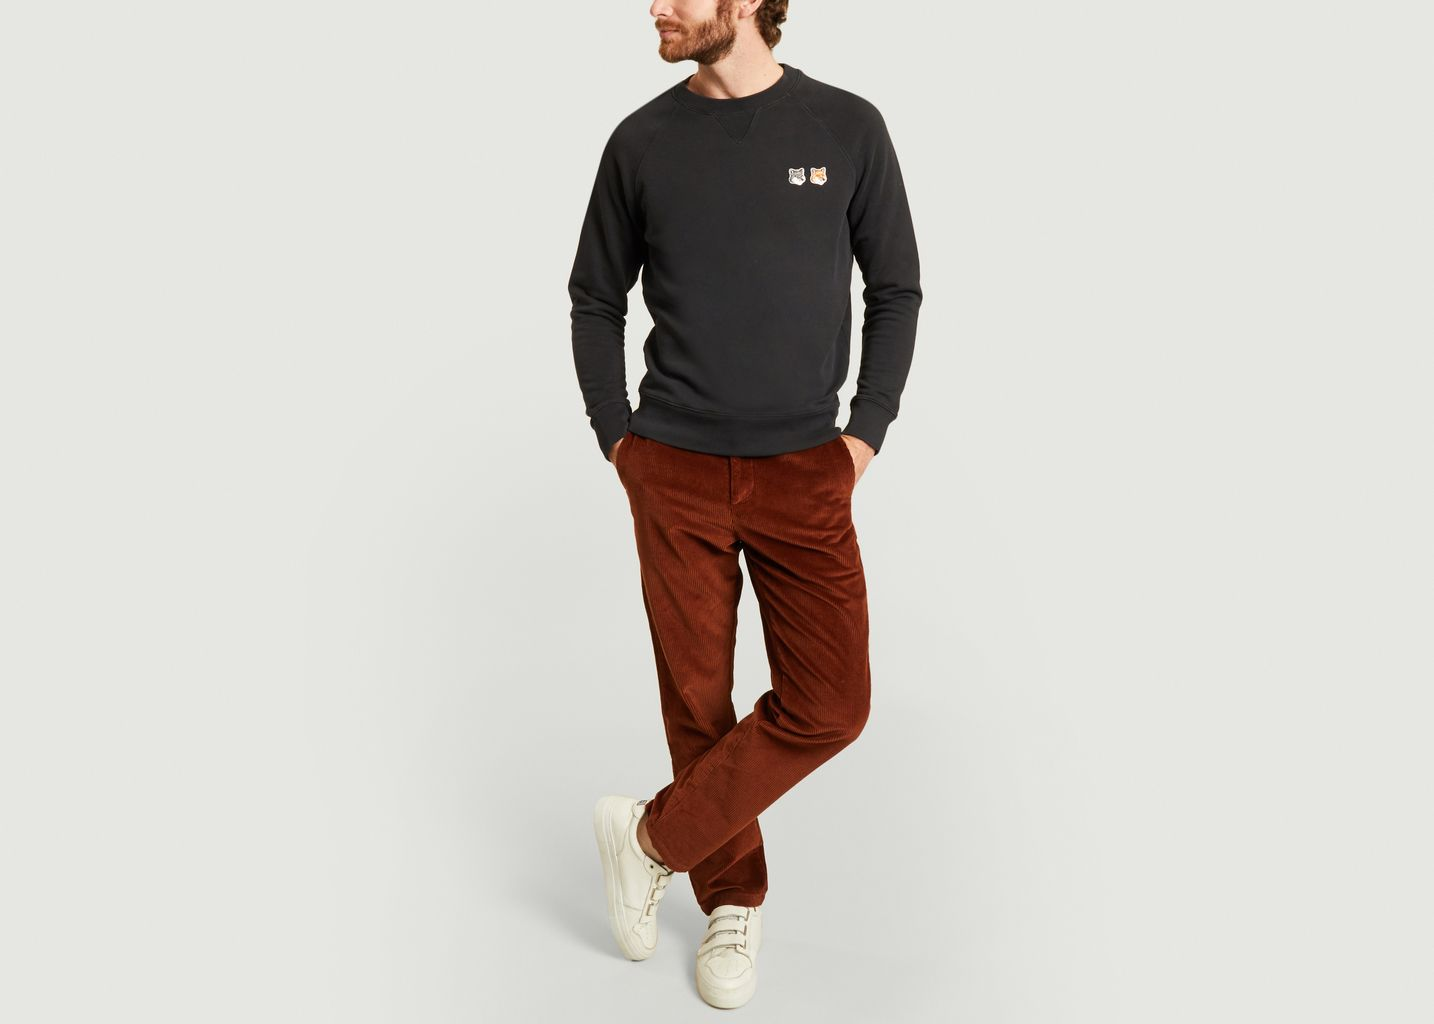 Sweatshirt en coton avec double logo - Maison Kitsuné